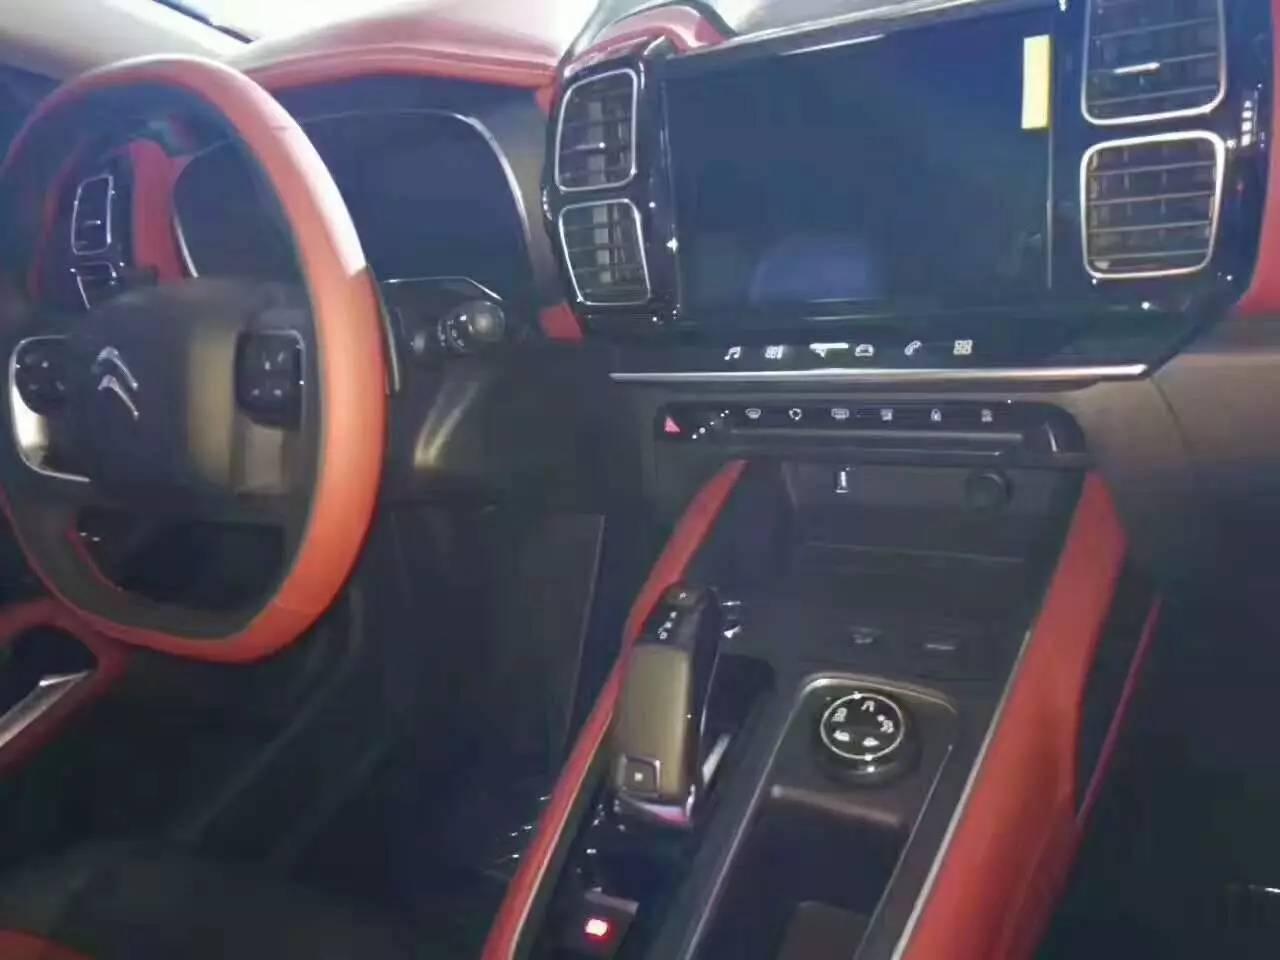 东风雪铁龙全新SUV天逸 C5 AIRCROSS哈尔滨车展首秀高清图片